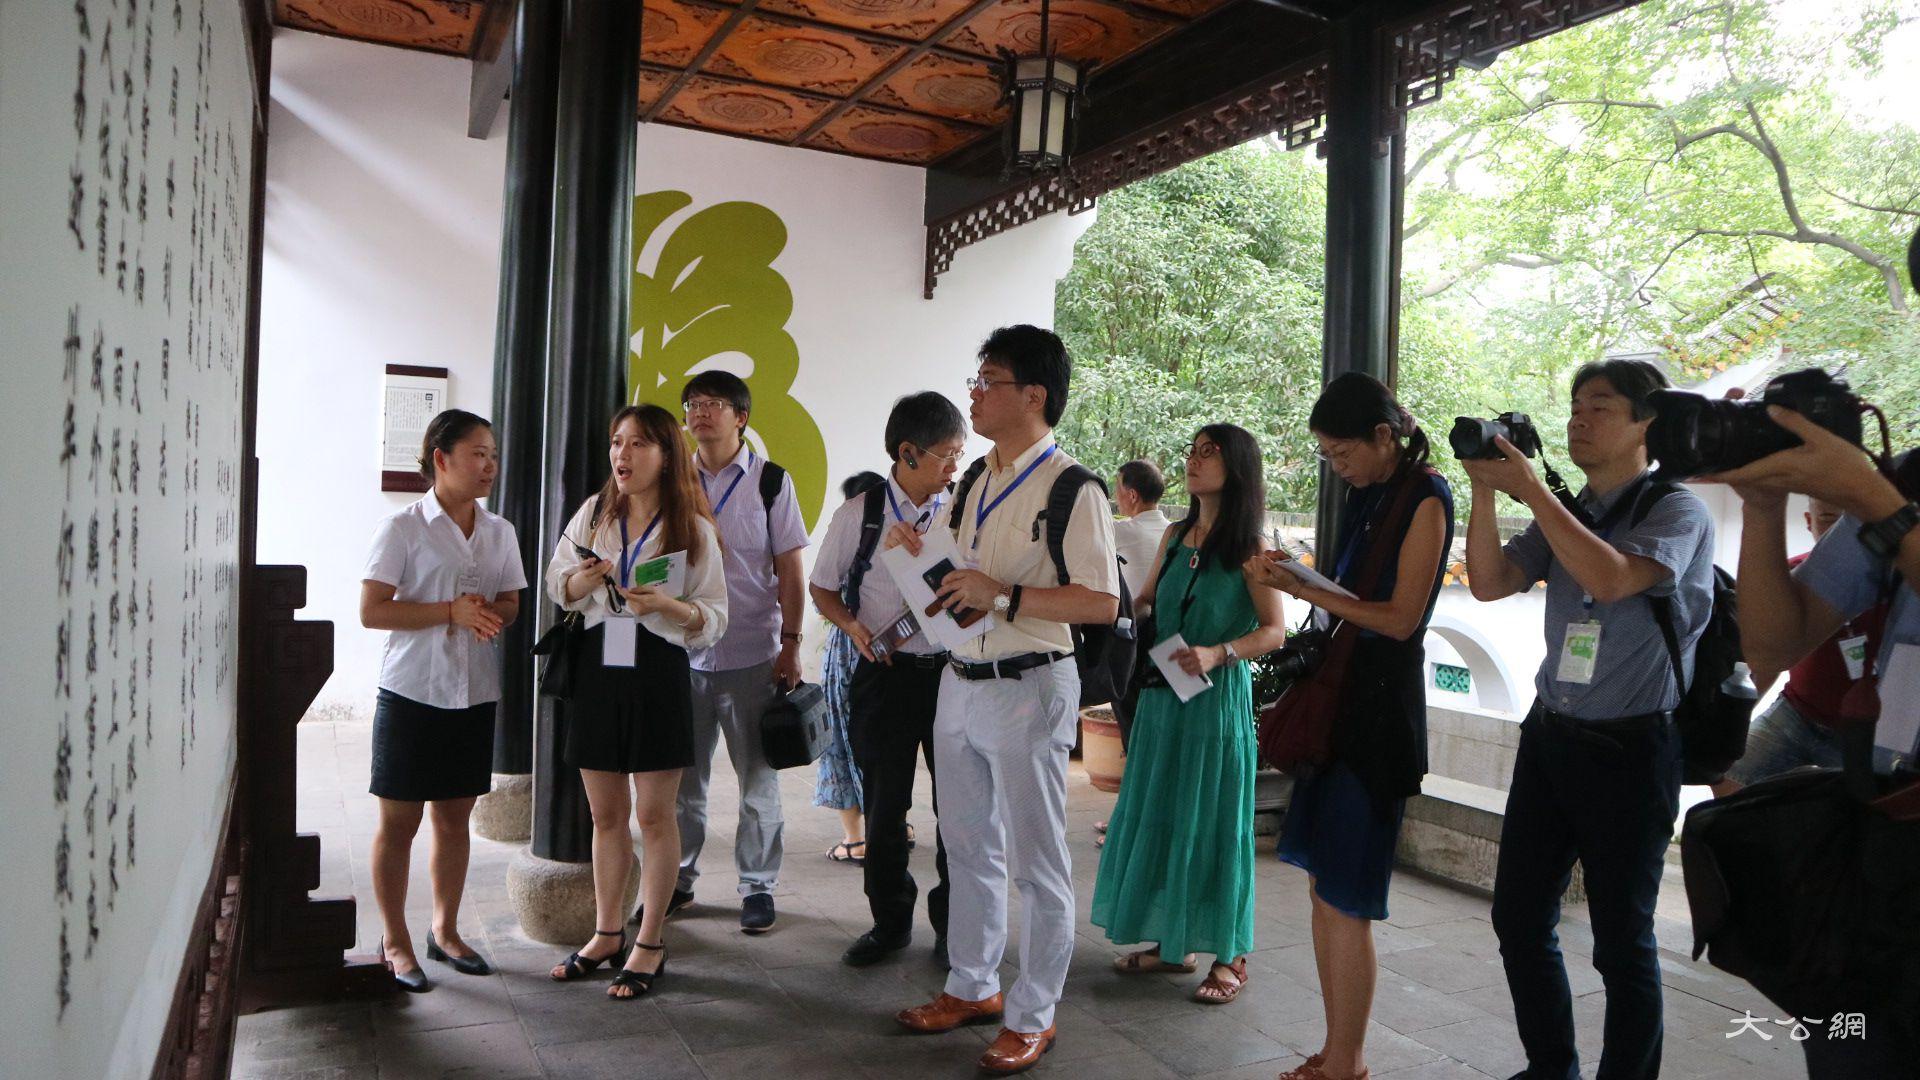 日媒记者走进长沙 感受历史文化名城魅力